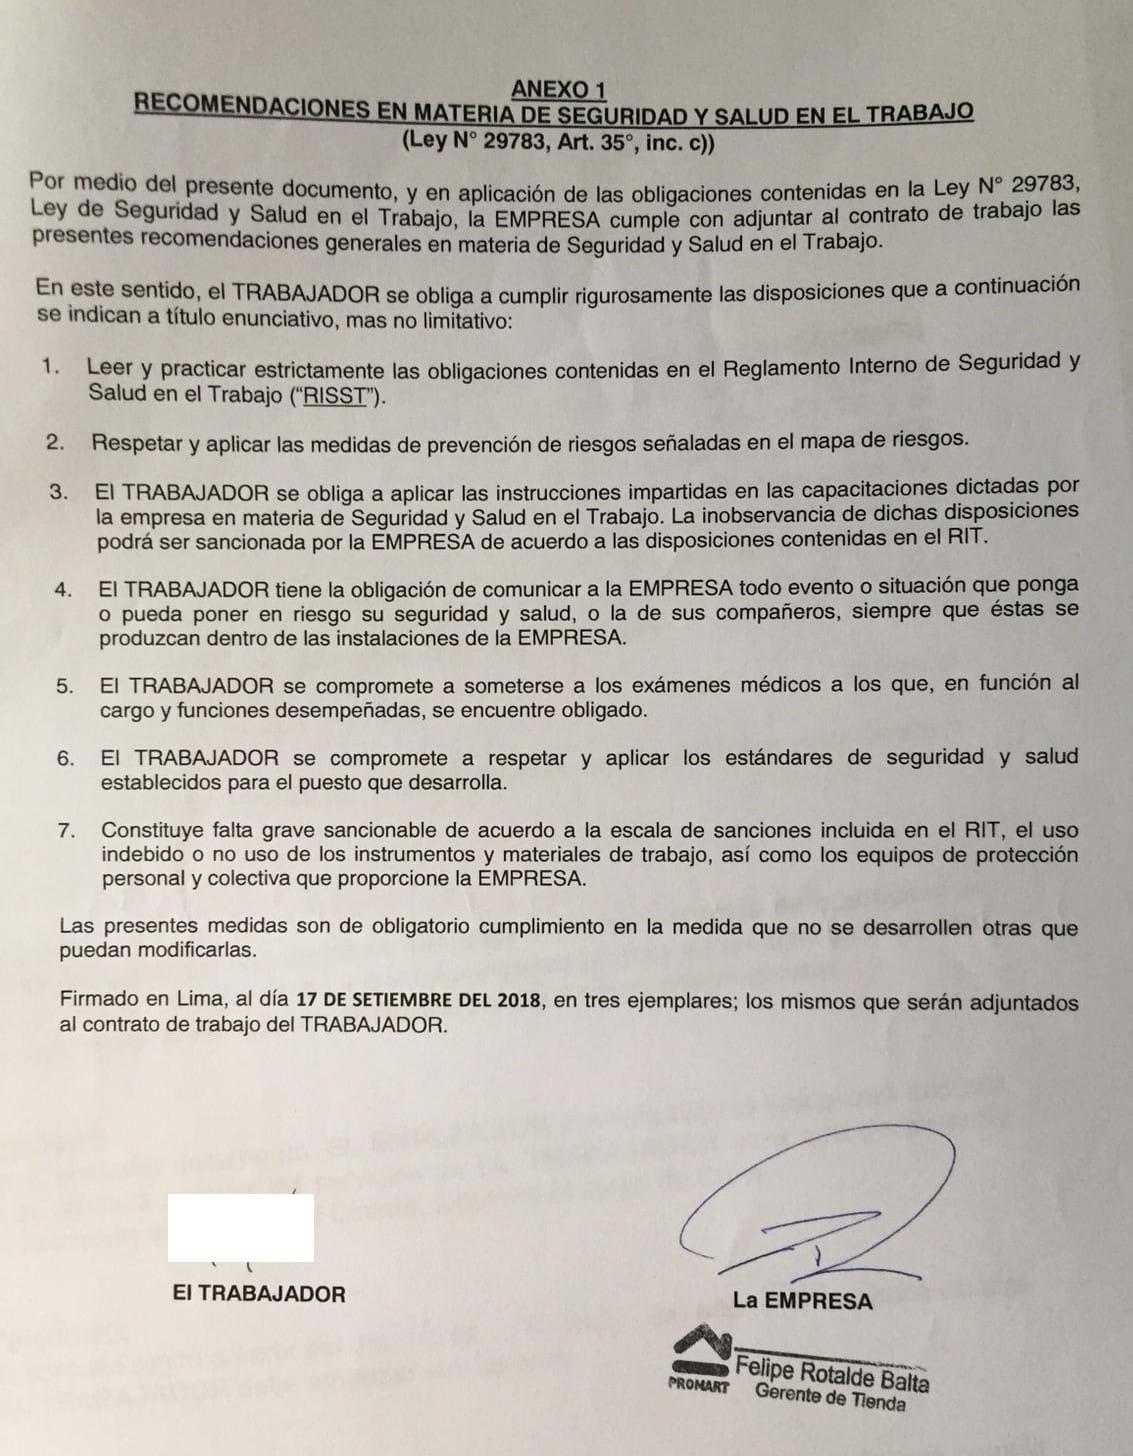 Anexo del contrato de trabajo Promart